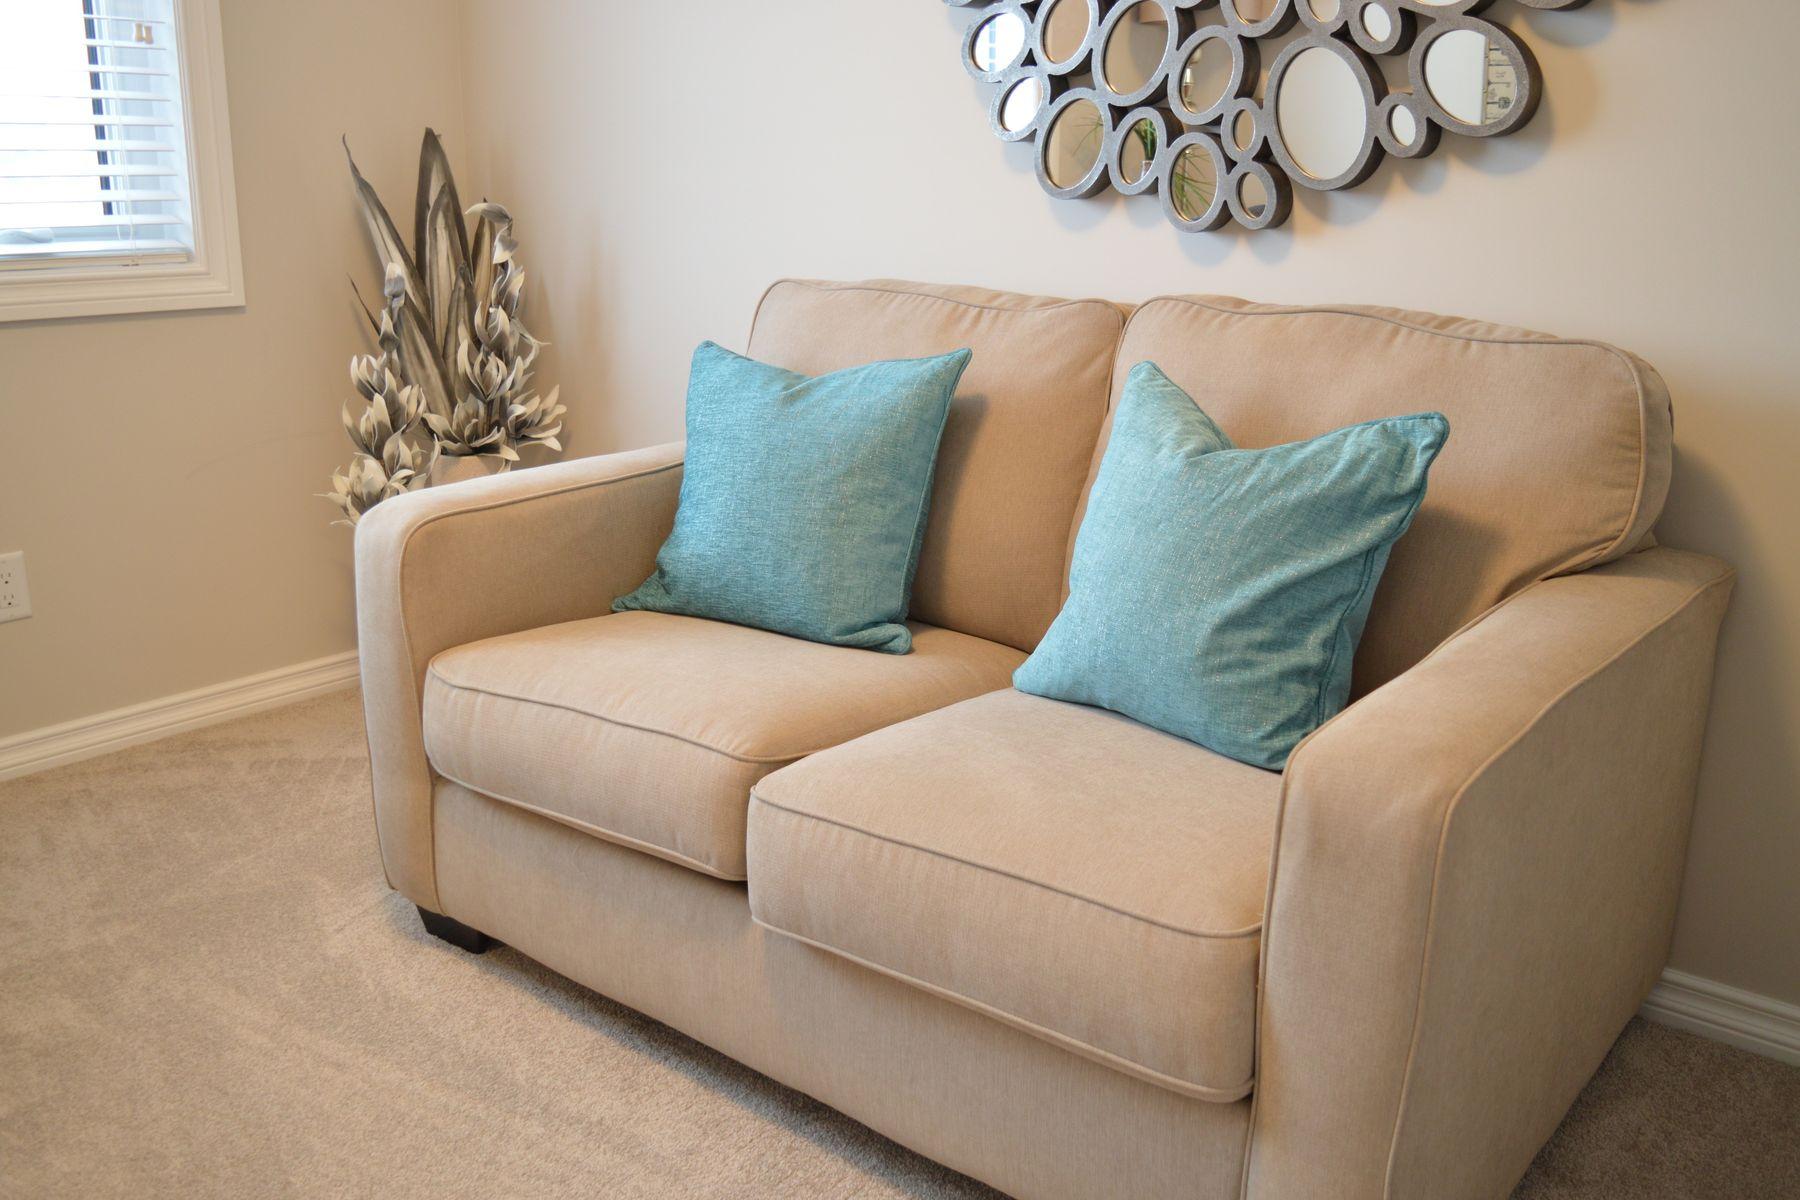 como-limpar-sofa-a-seco